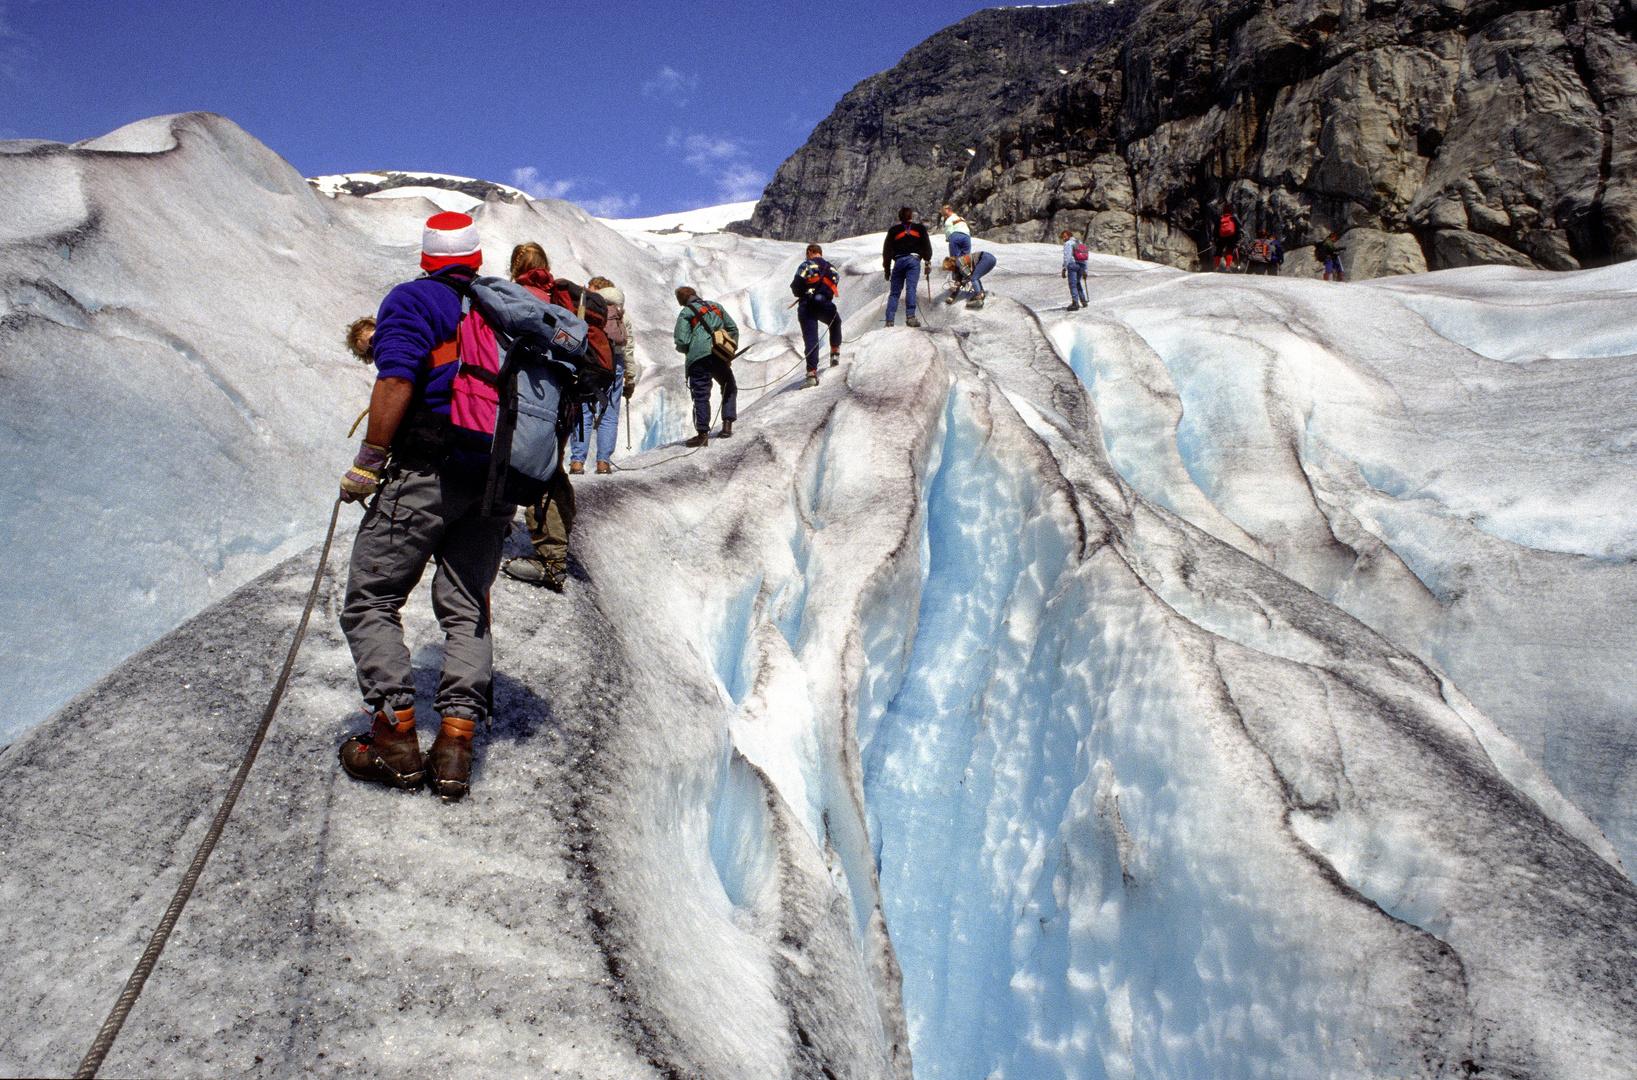 Gletscherwanderung auf dem Nigardsbreen, Norwegen